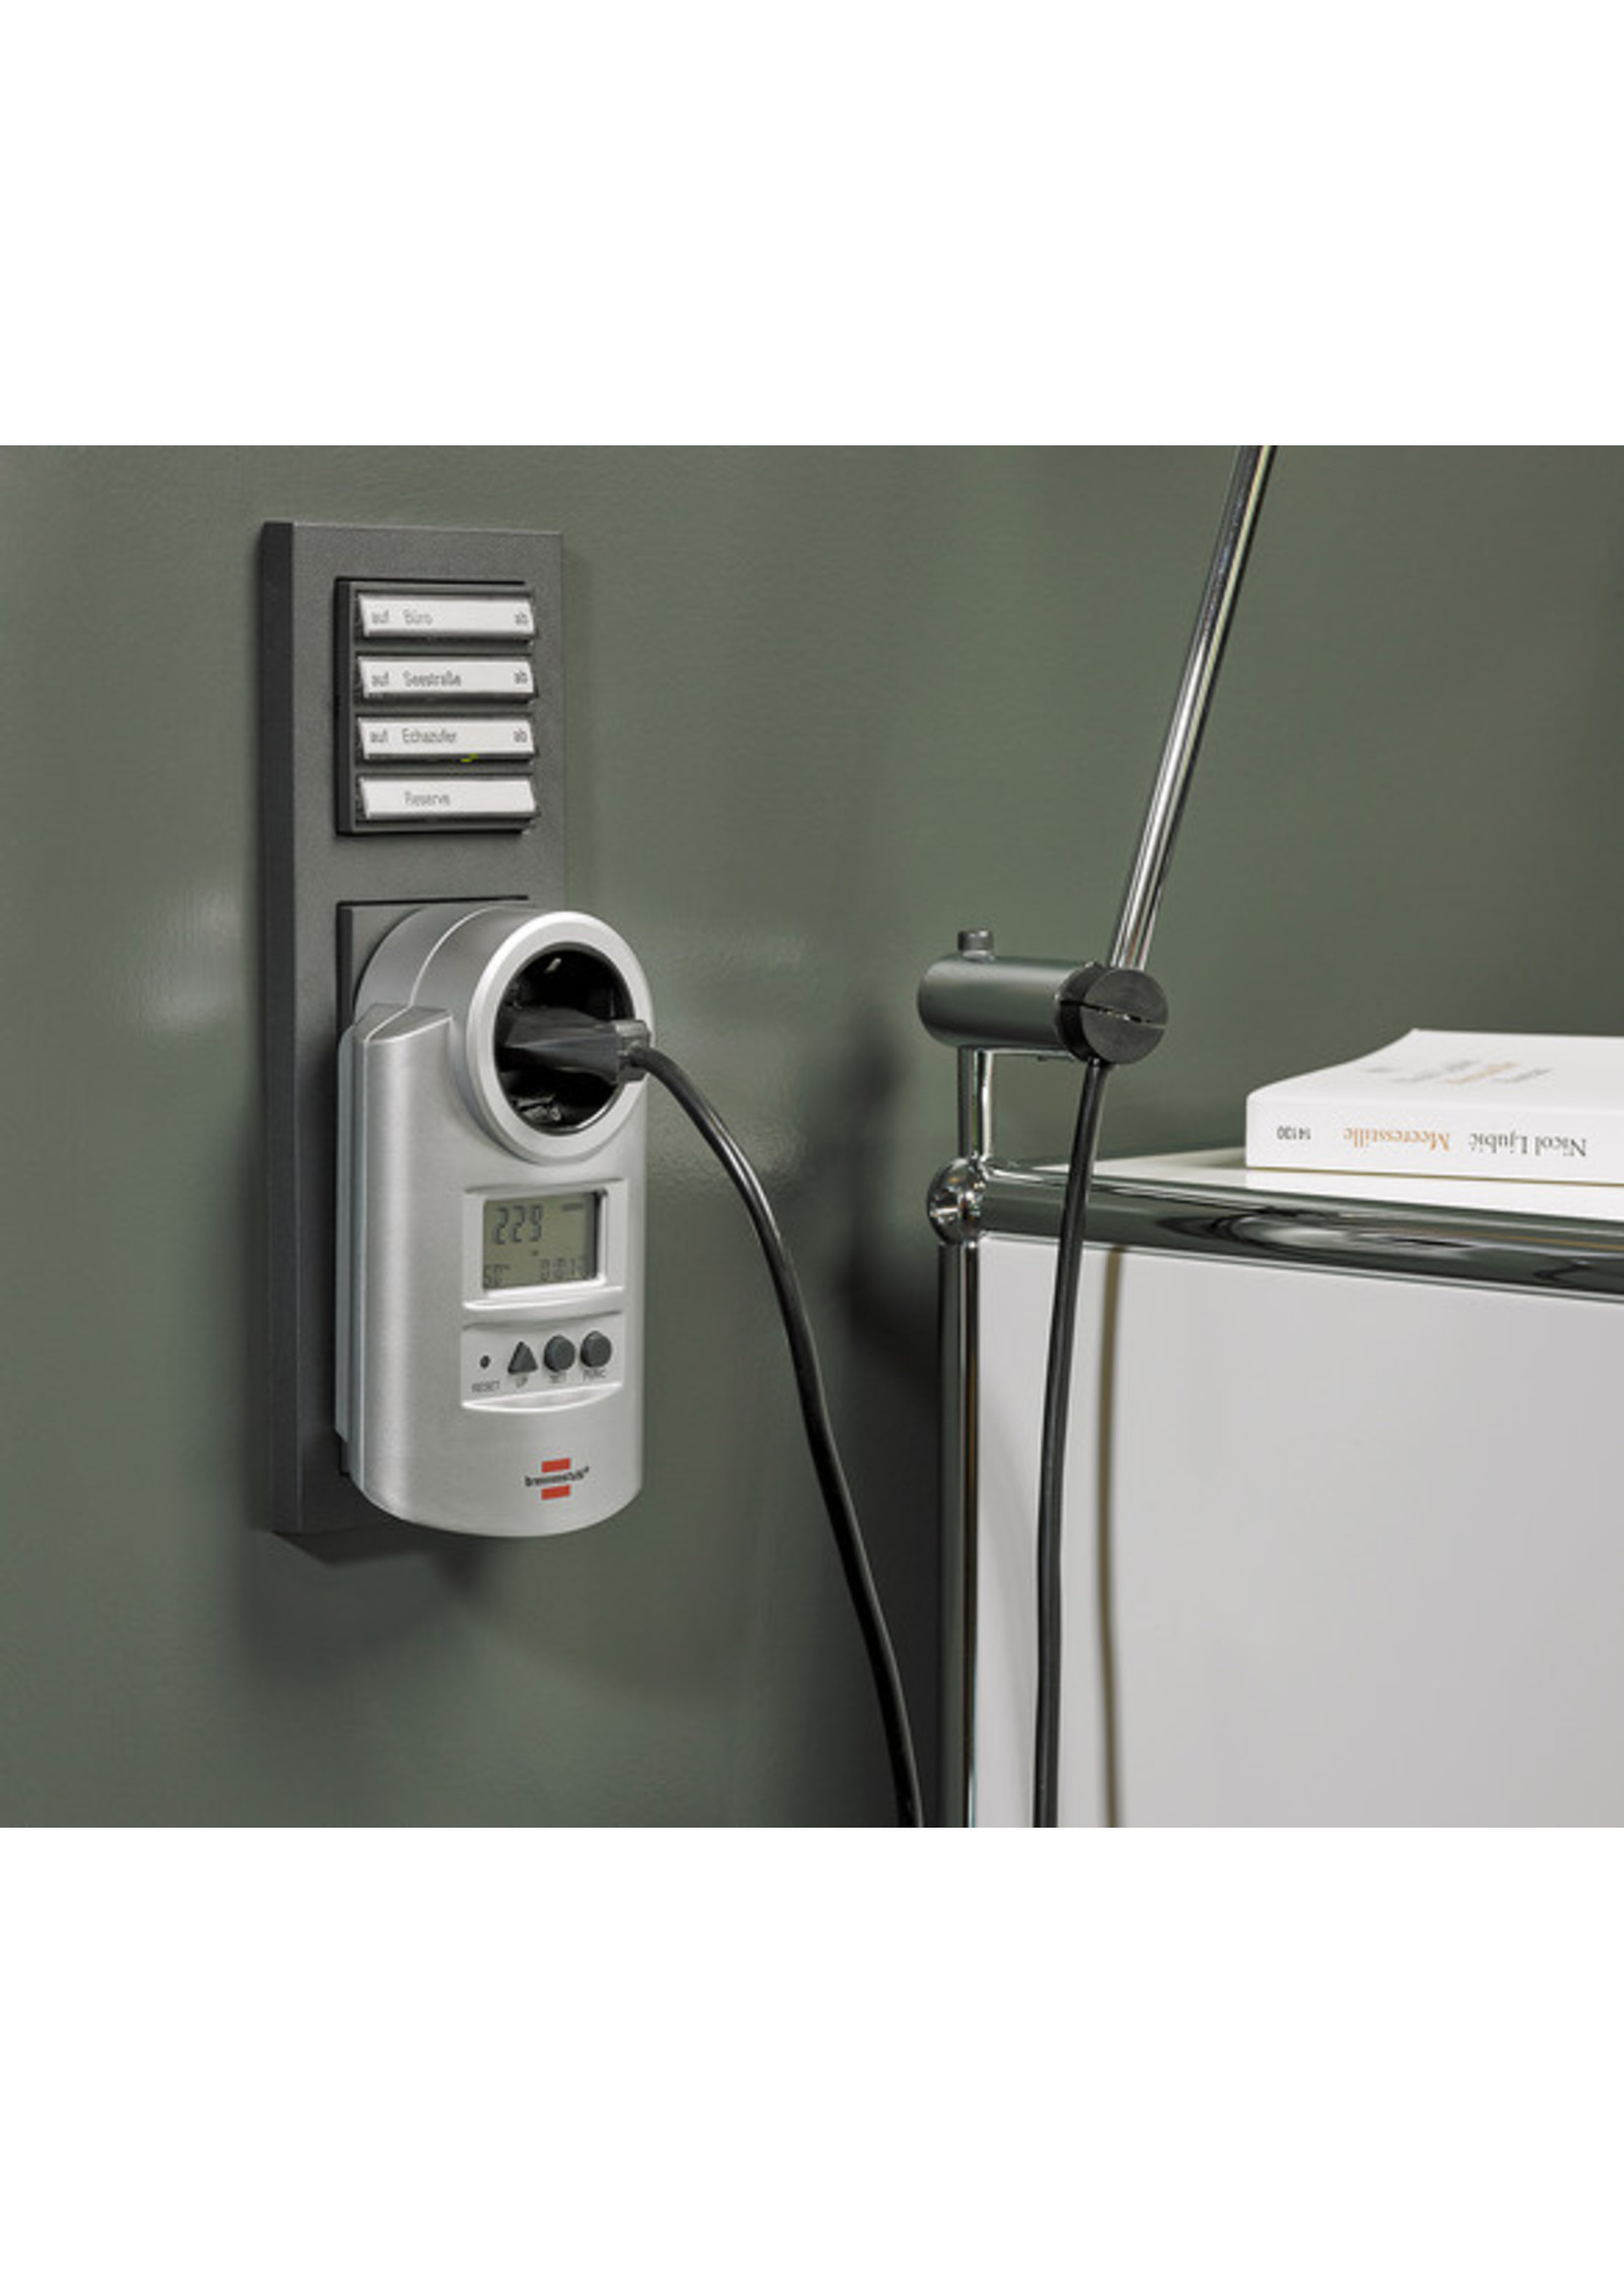 Brennenstuhl Brennenstuhl 1506600 Primera Line PM 231 E Energiemeter met klok- en meetfunctie *FR/BE*